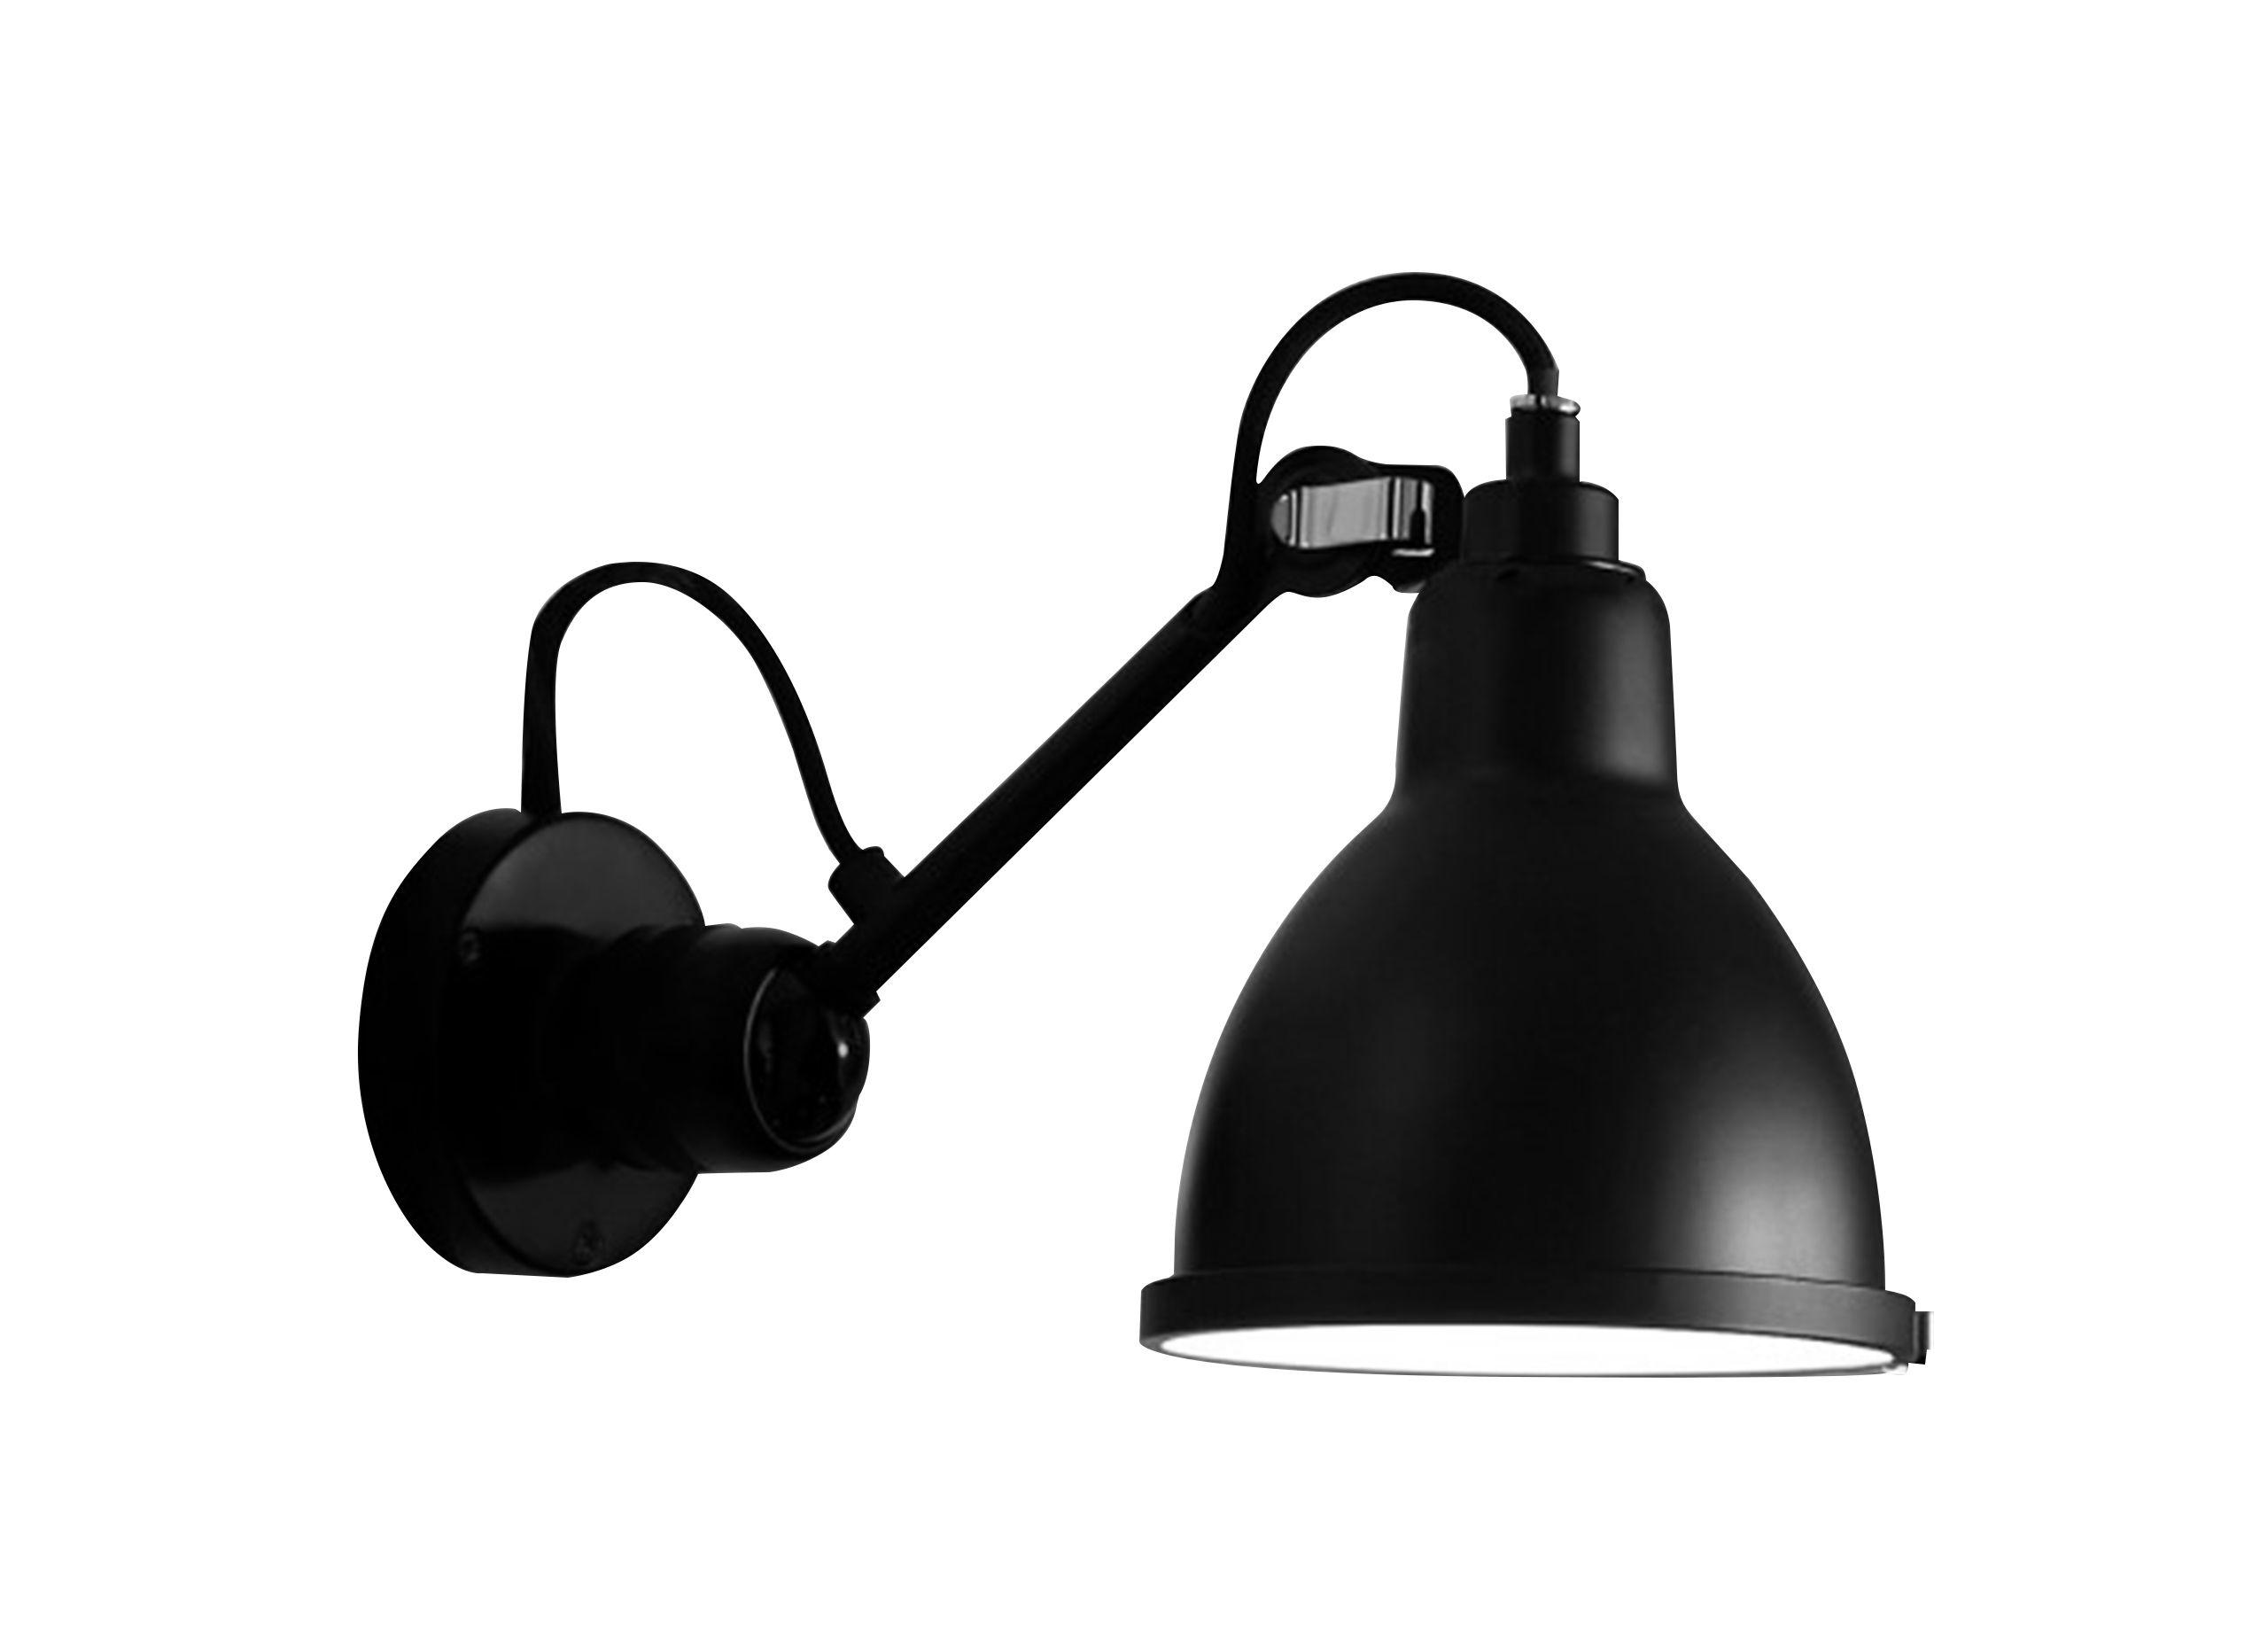 Wandlampe Badezimmer ~ Gras badezimmer wandlampe badezimmer wandlampe gräser und